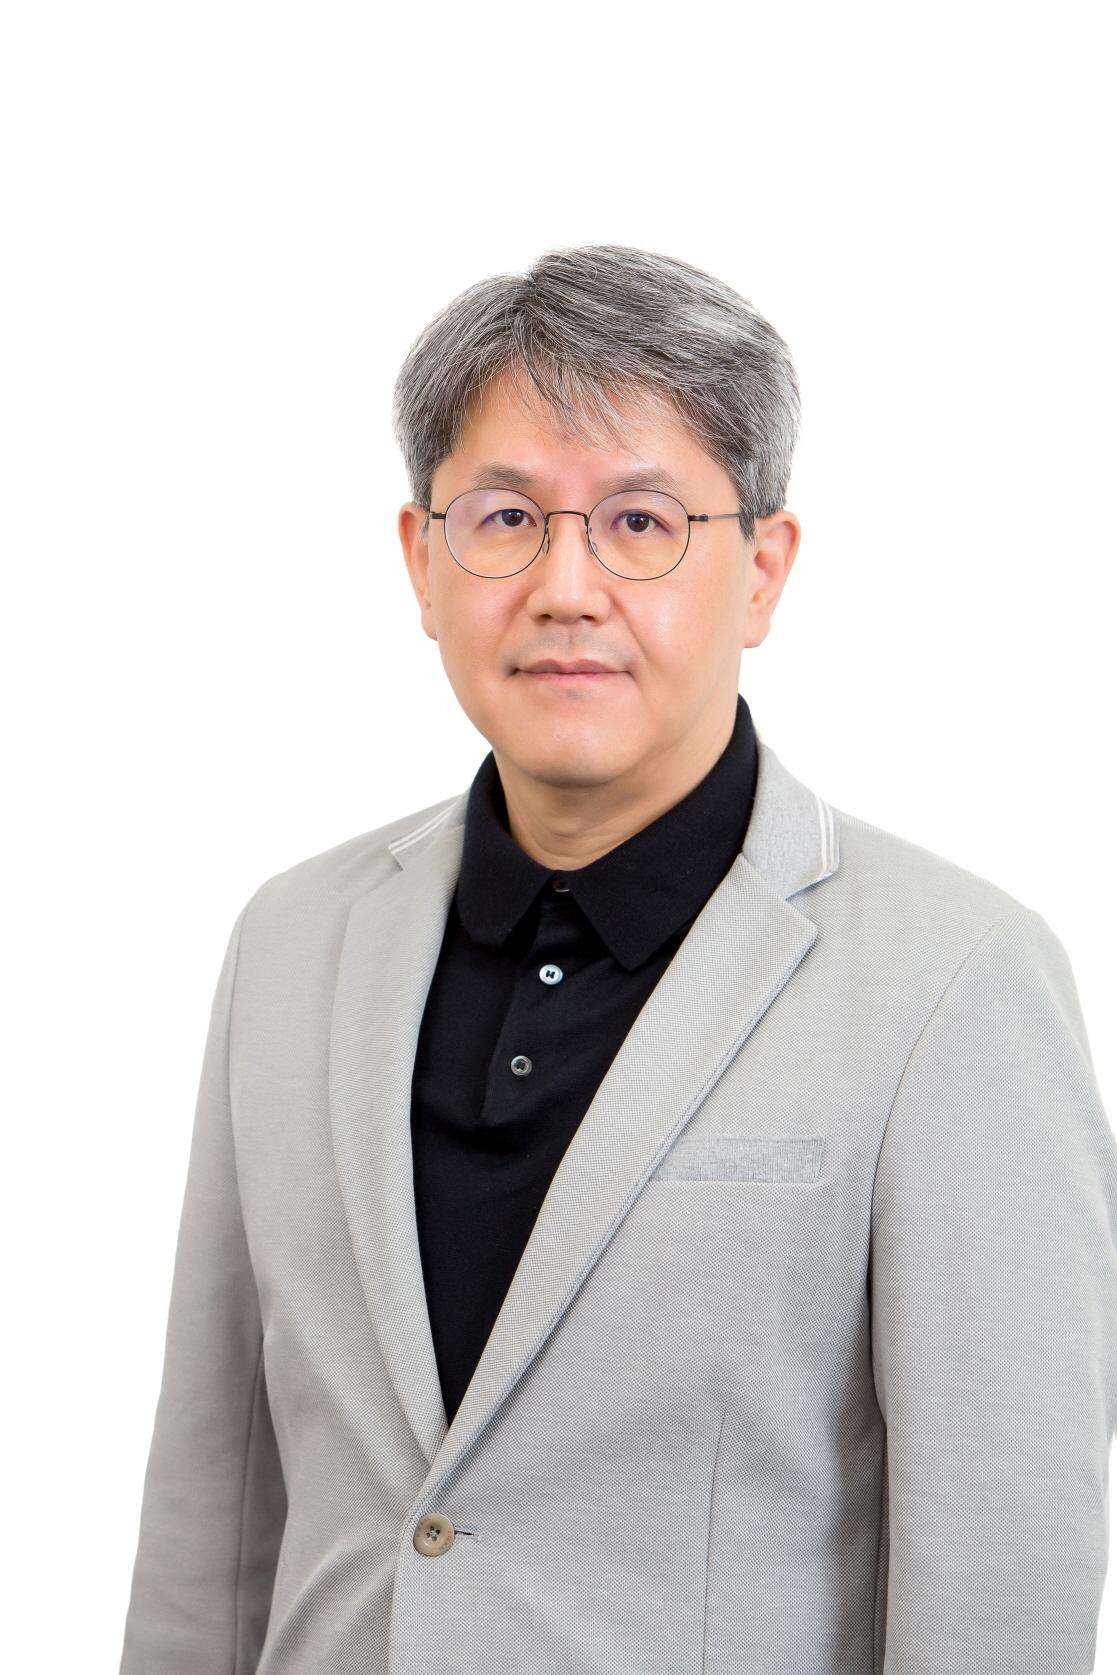 Coway's new co-CEO nominate Seo Jang-won (Coway)